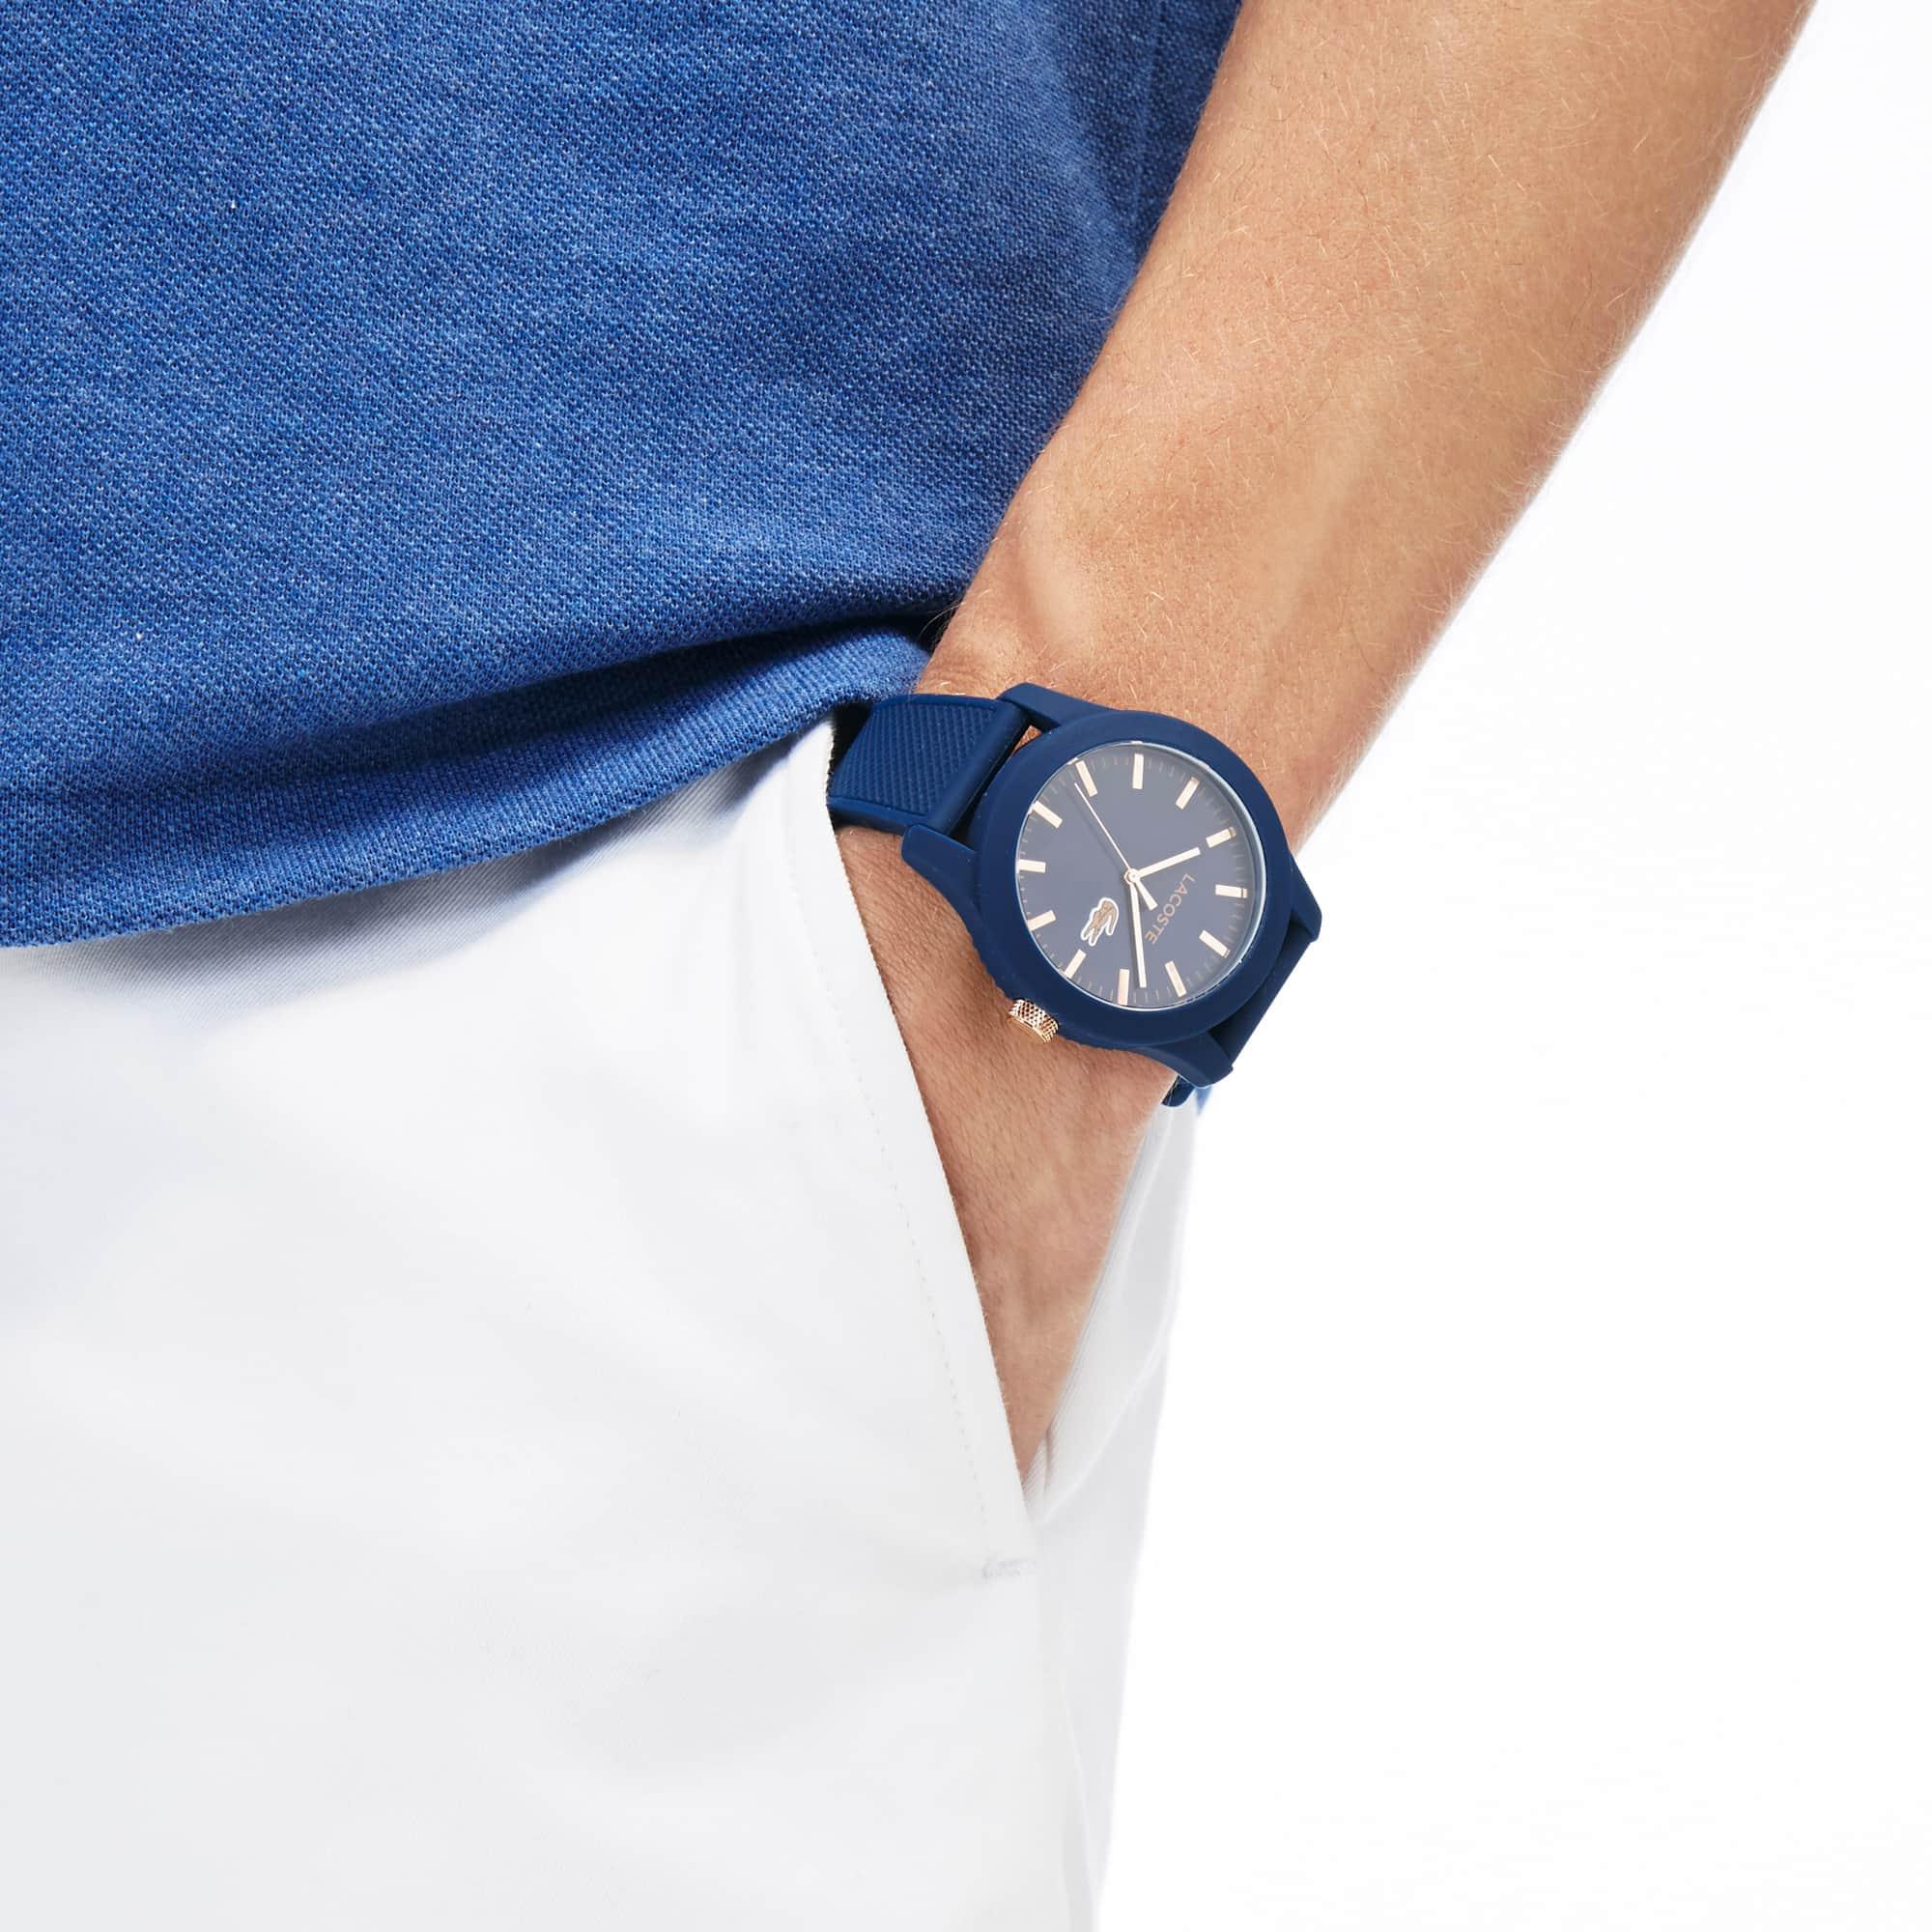 Orologio Lacoste 12.12 da uomo con cinturino in silicone blu